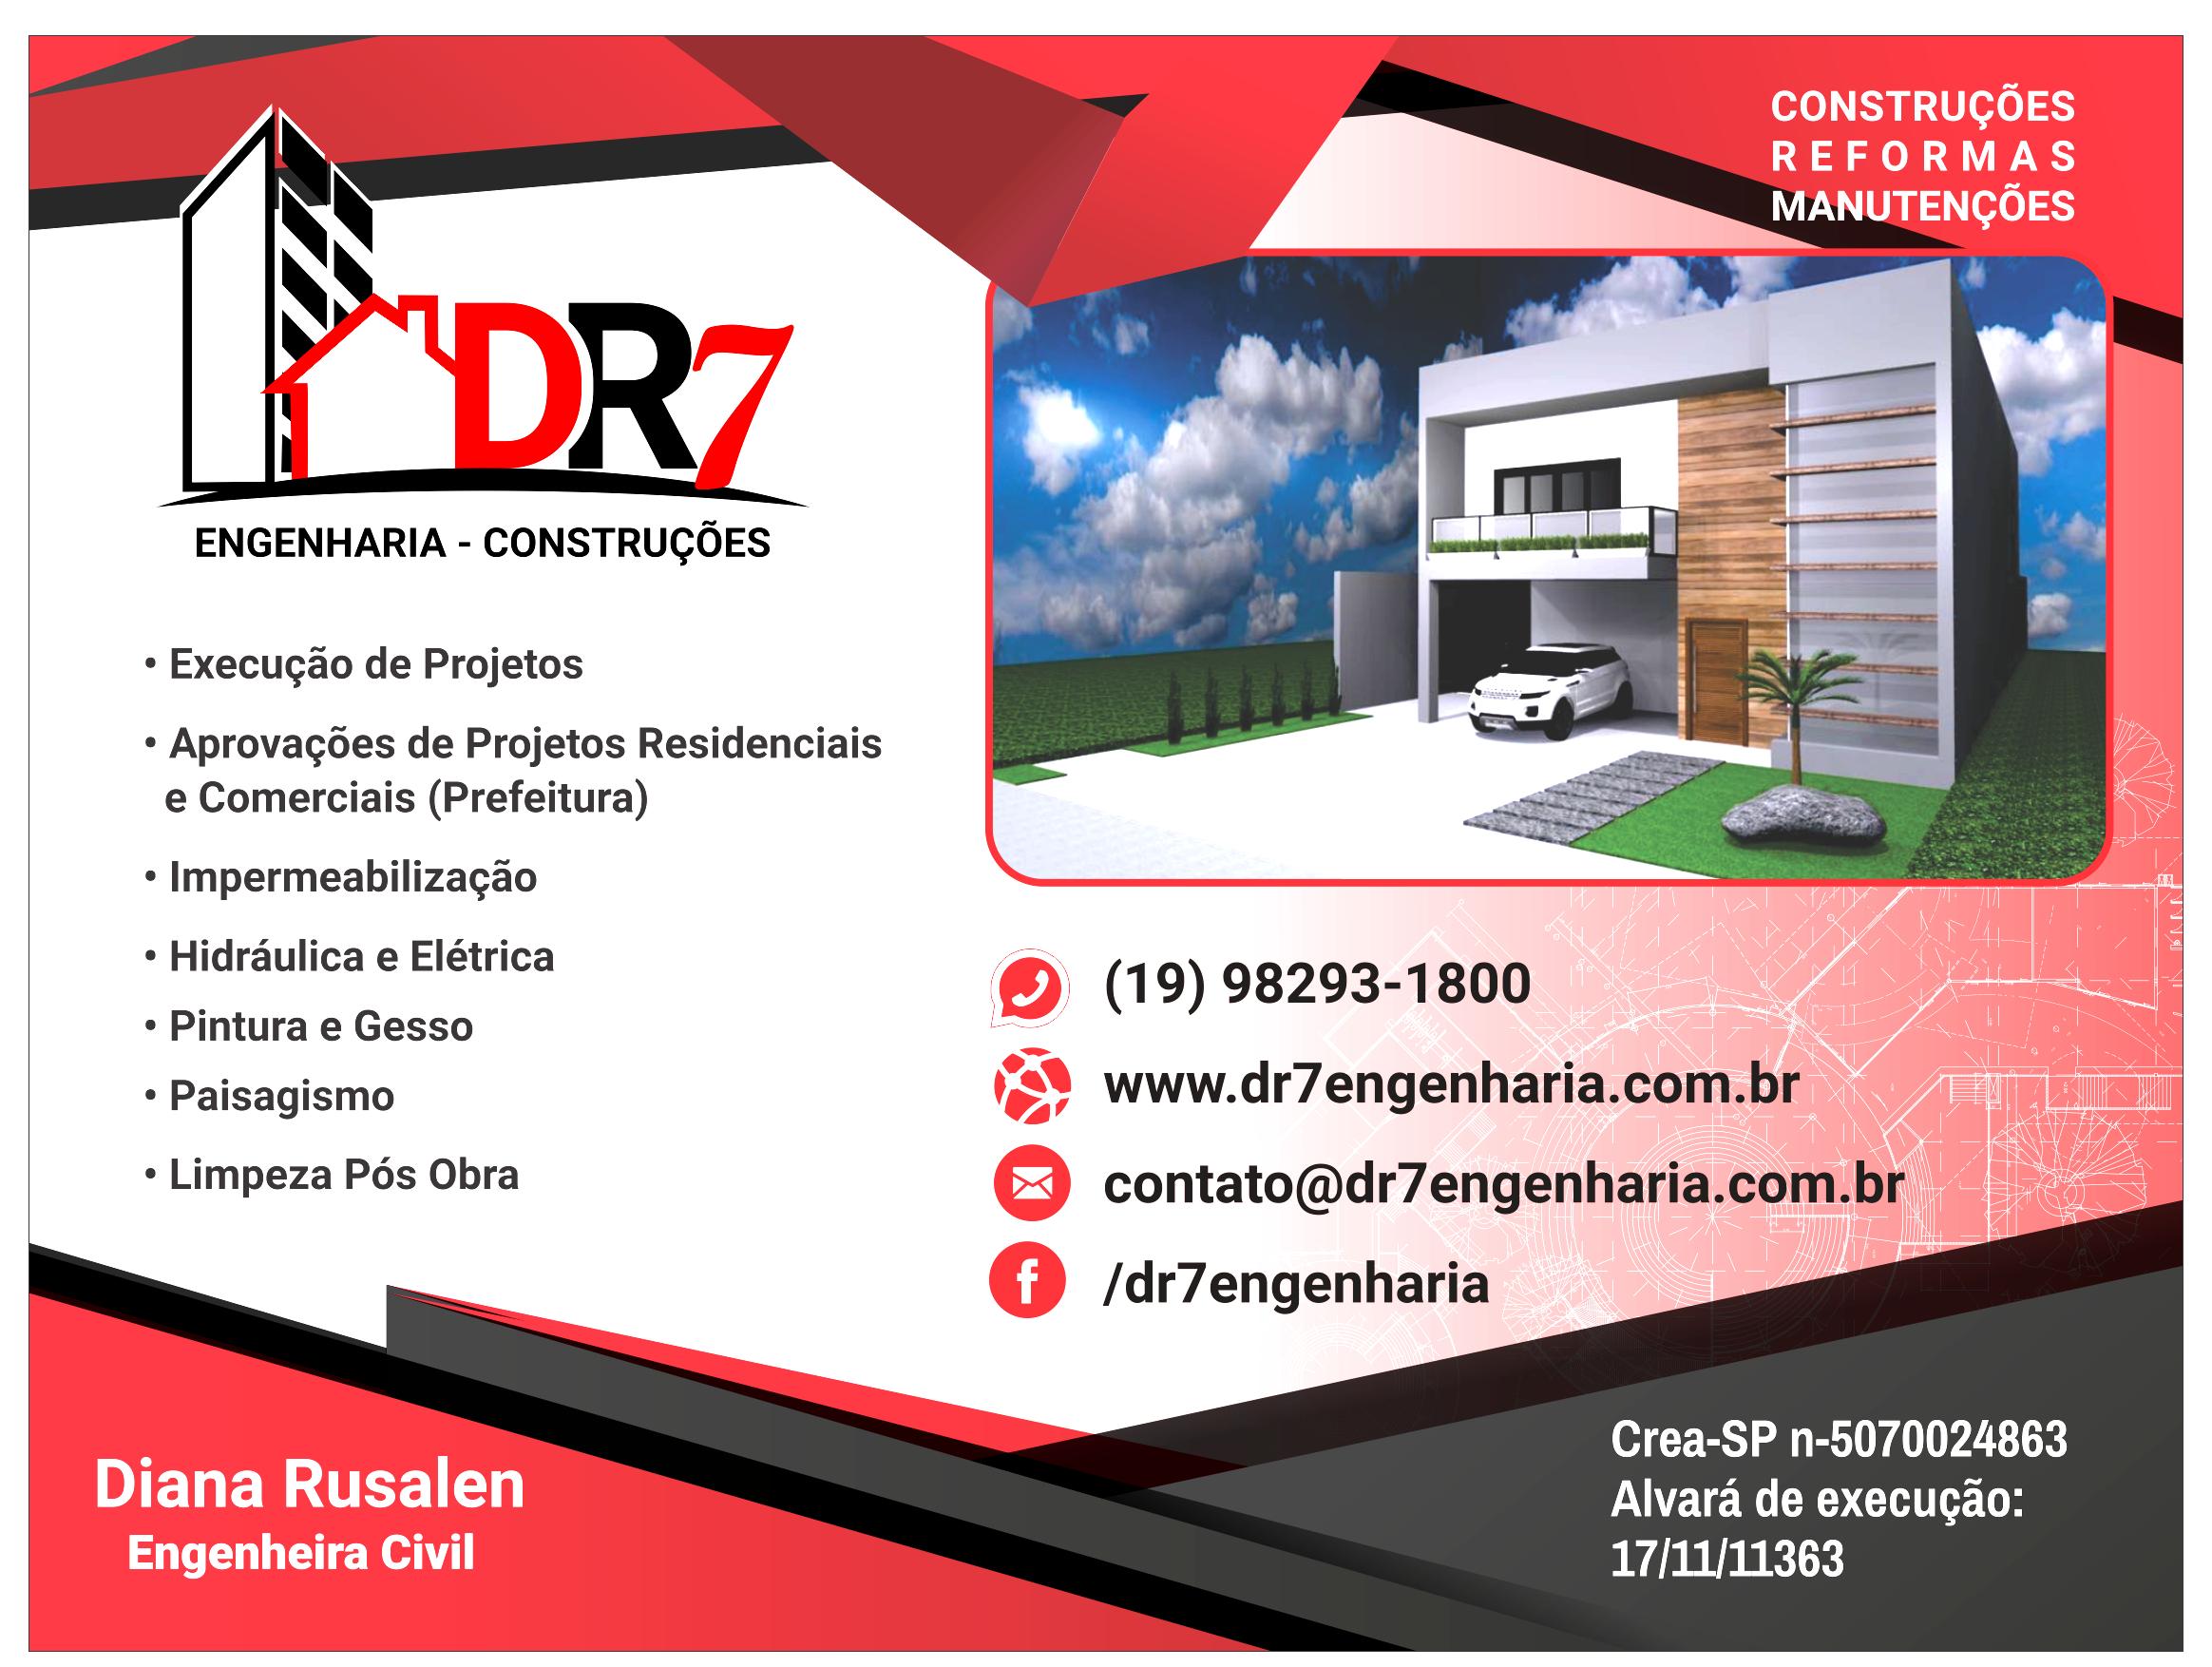 dr7placa1